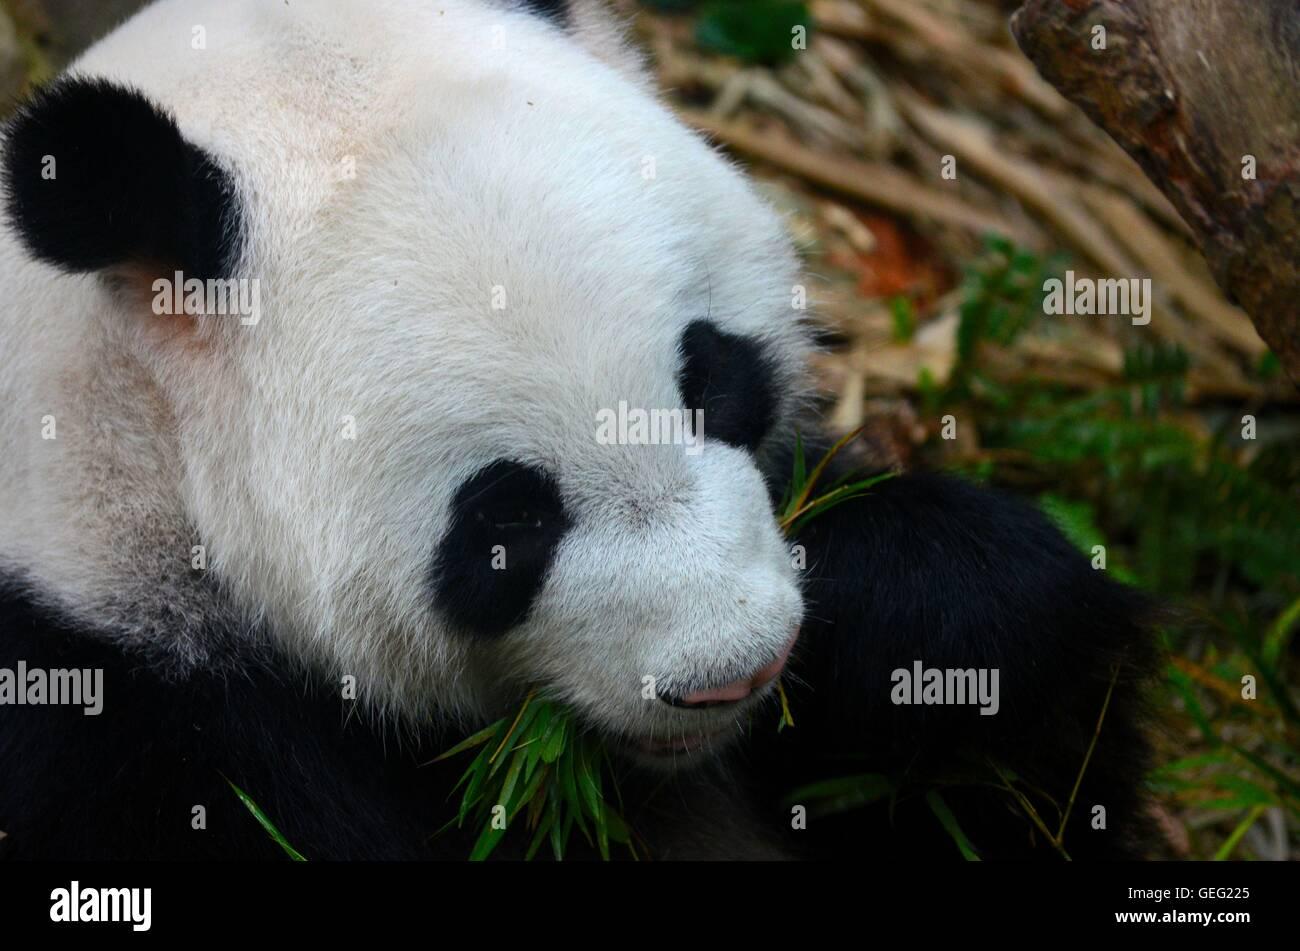 Panda-Bär frisst mit grünen Blättern in Mund Stockbild